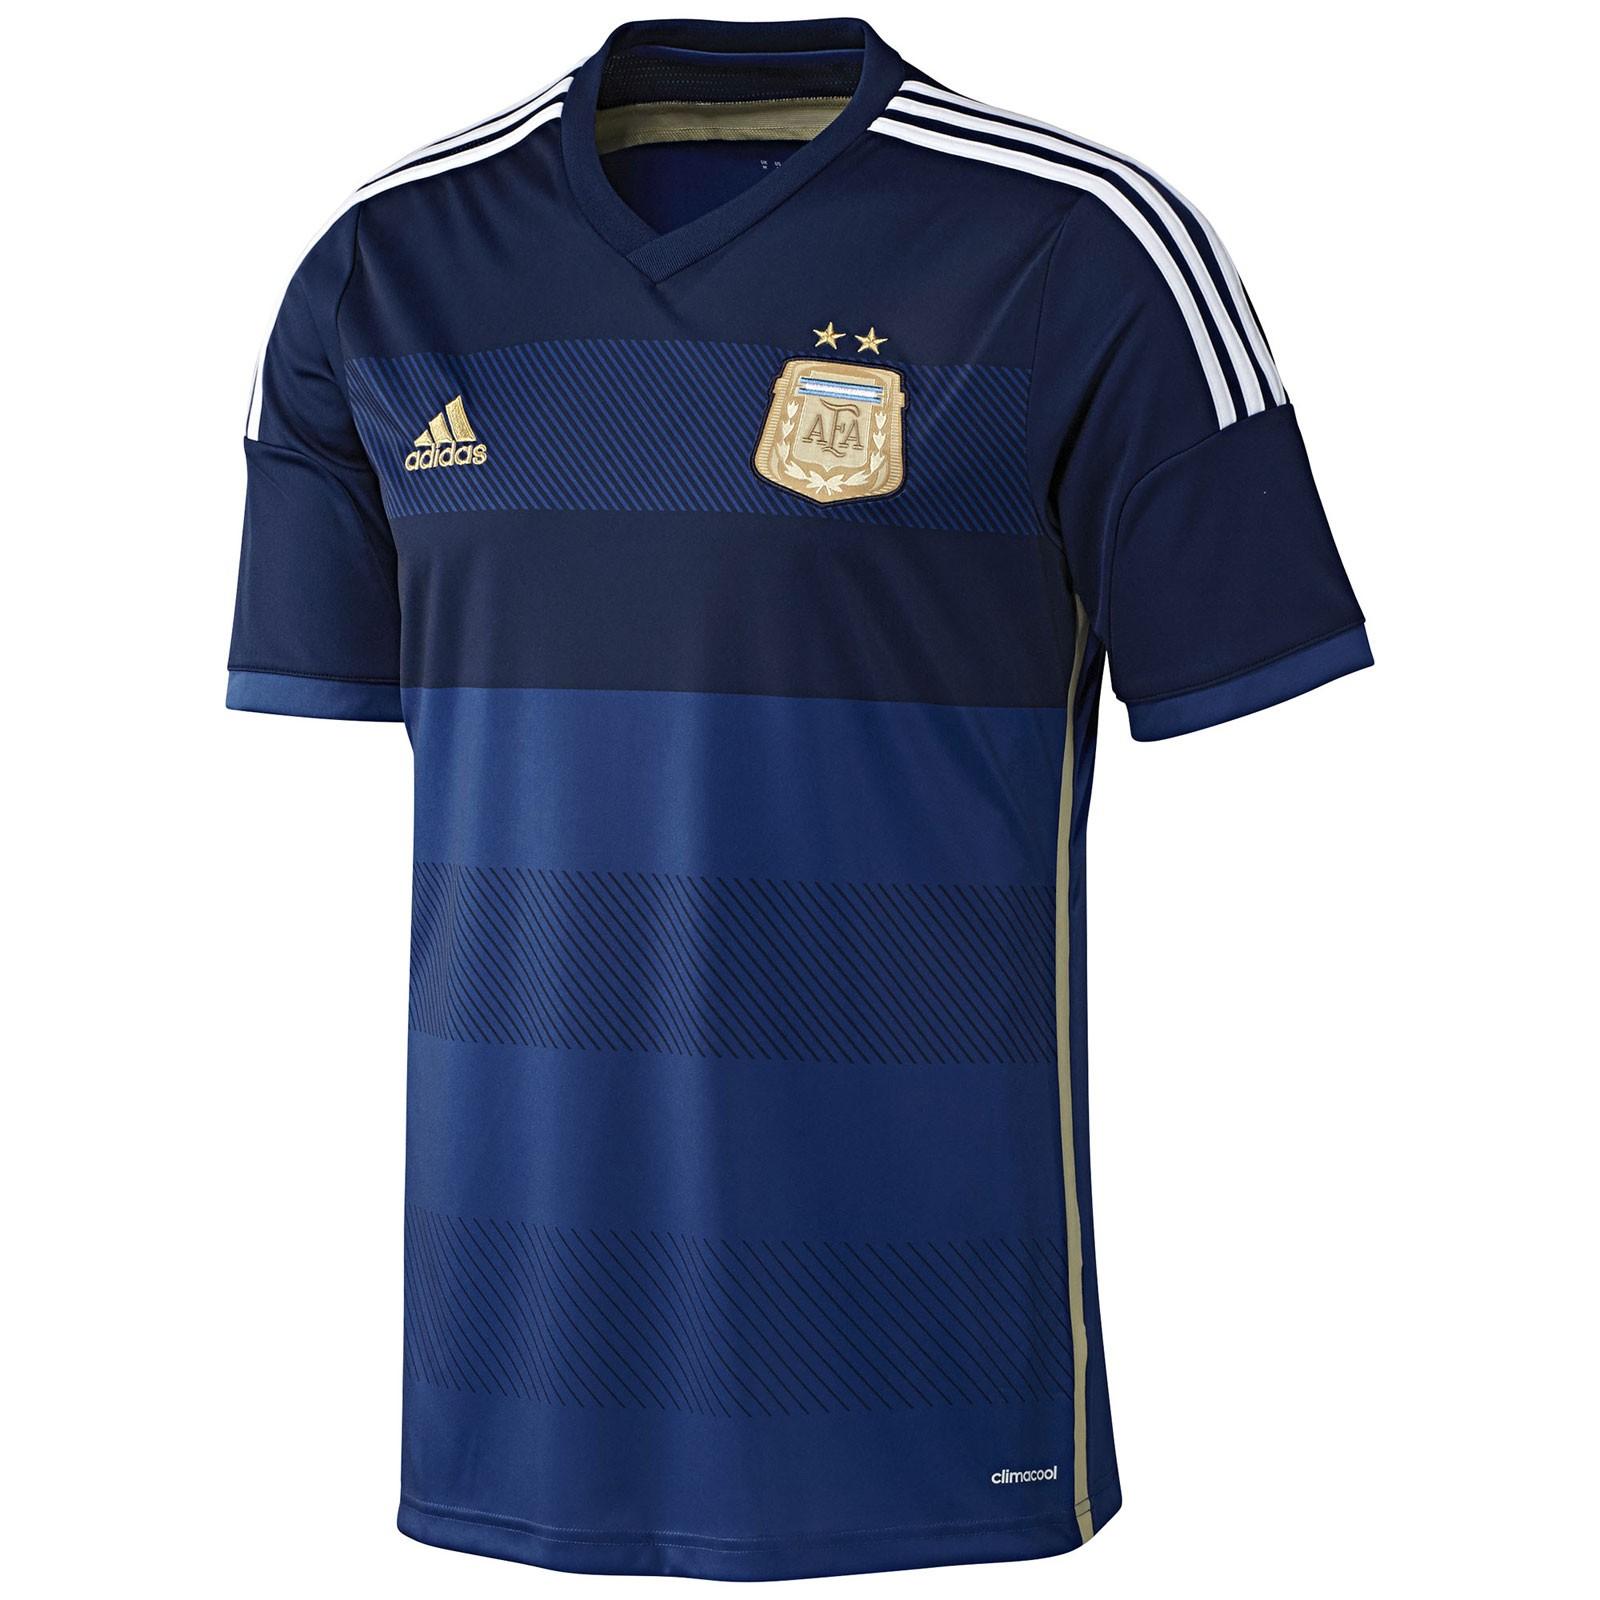 2014世界杯球衣_阿根廷国家队2014世界杯球迷版客场球衣 球衫堂商店 Kitstown Shop